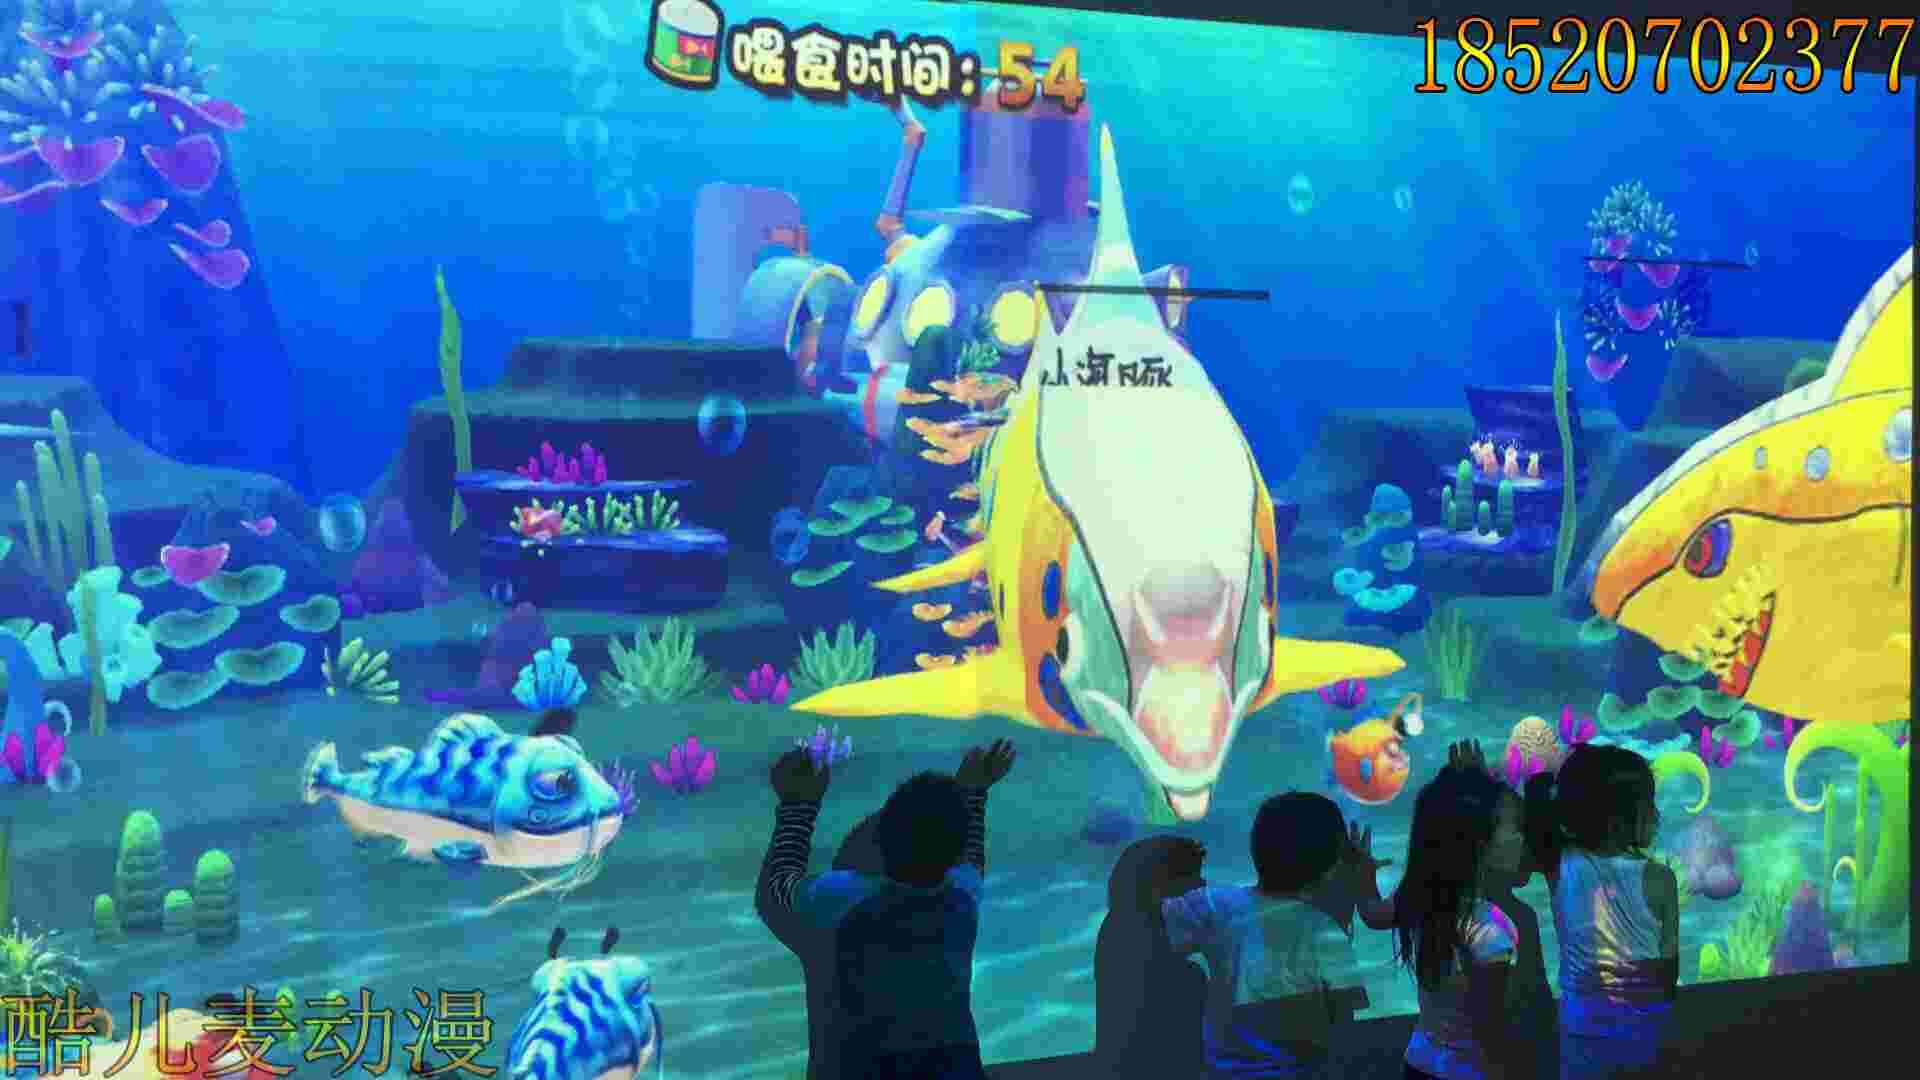 新型地面投影——哪里有供应优惠的互动水族馆投影游乐设备